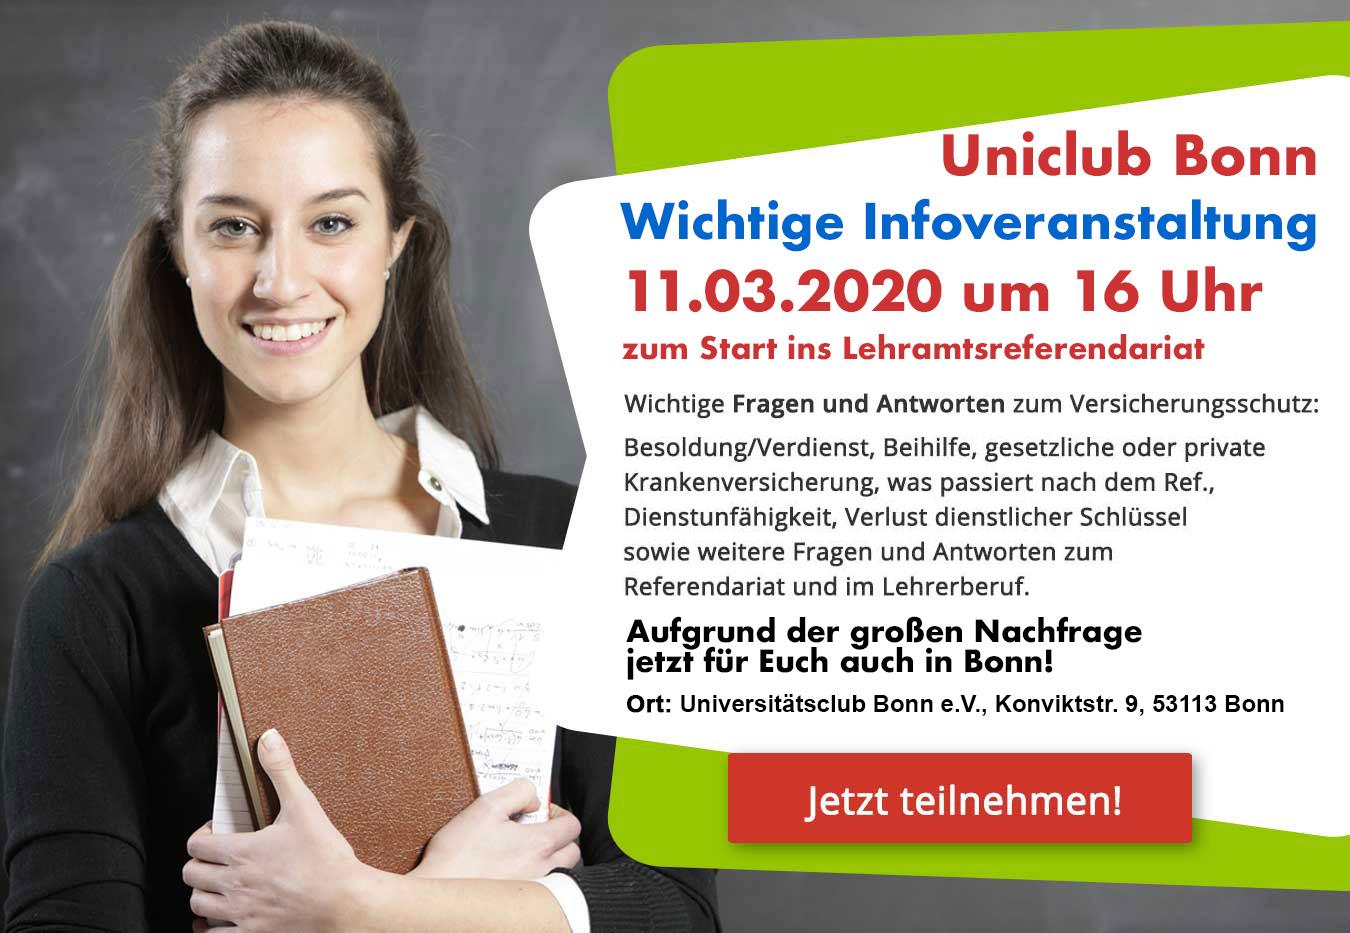 Pflichtveranstaltung Zum Start Ins Lehramtsreferendariat Am 11.03.2020 Um 16 Uhr In Bonn